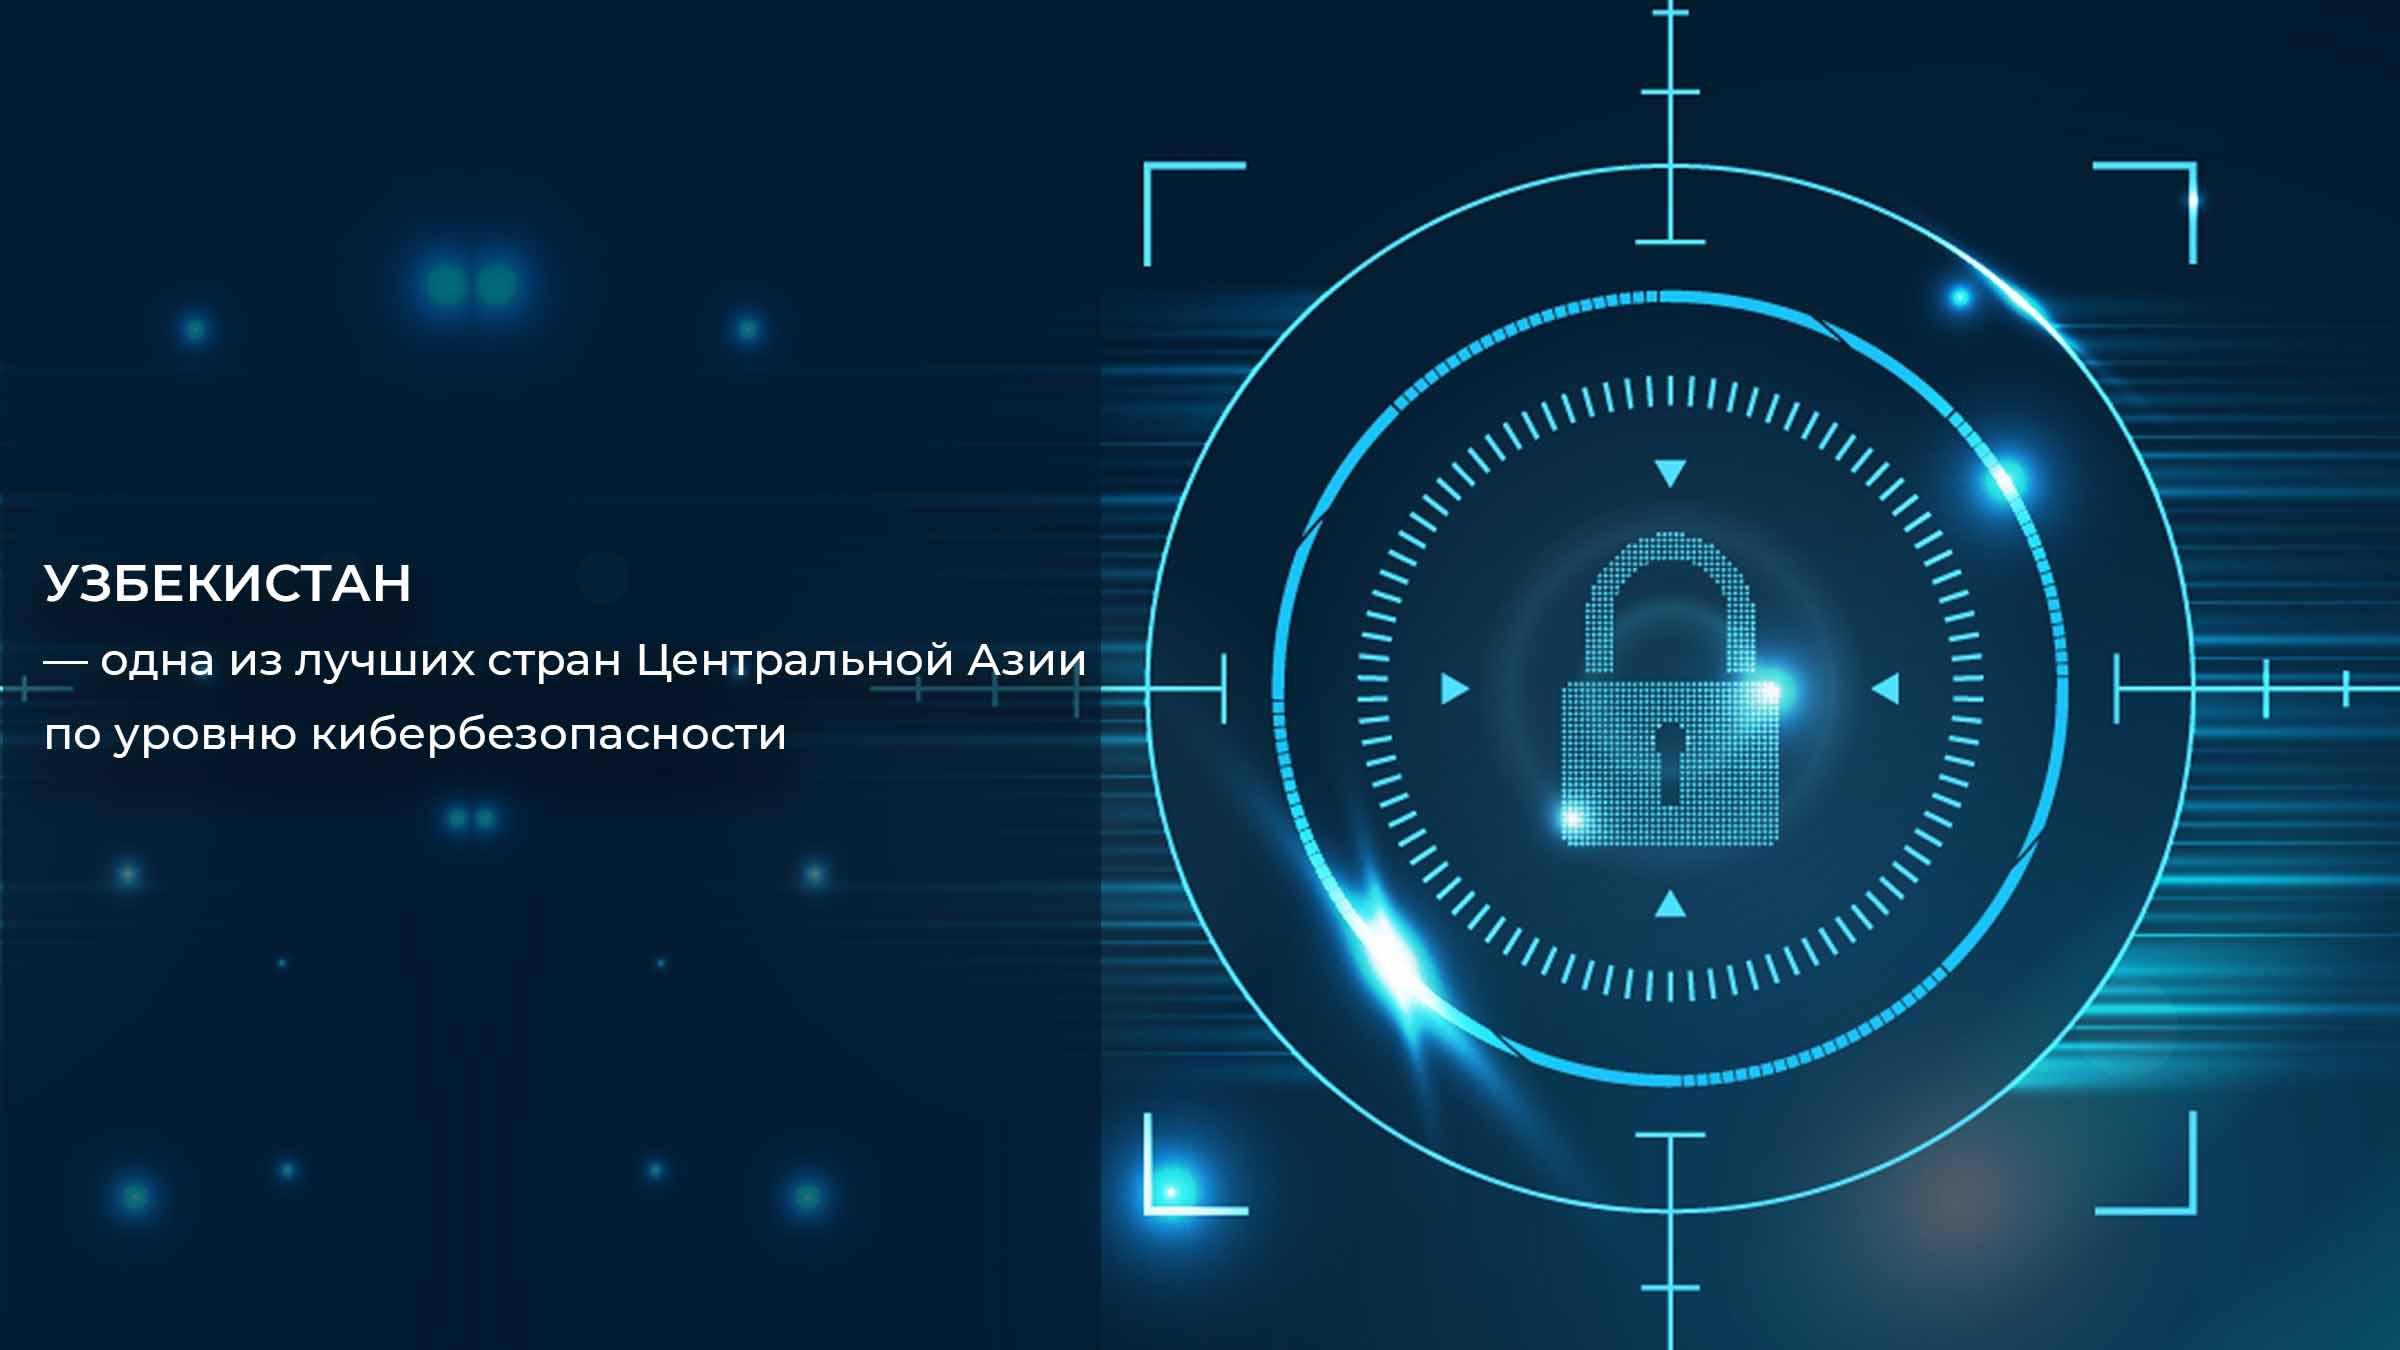 Узбекистан – одна из лучших стран Центральной Азии по уровню кибербезопасности.